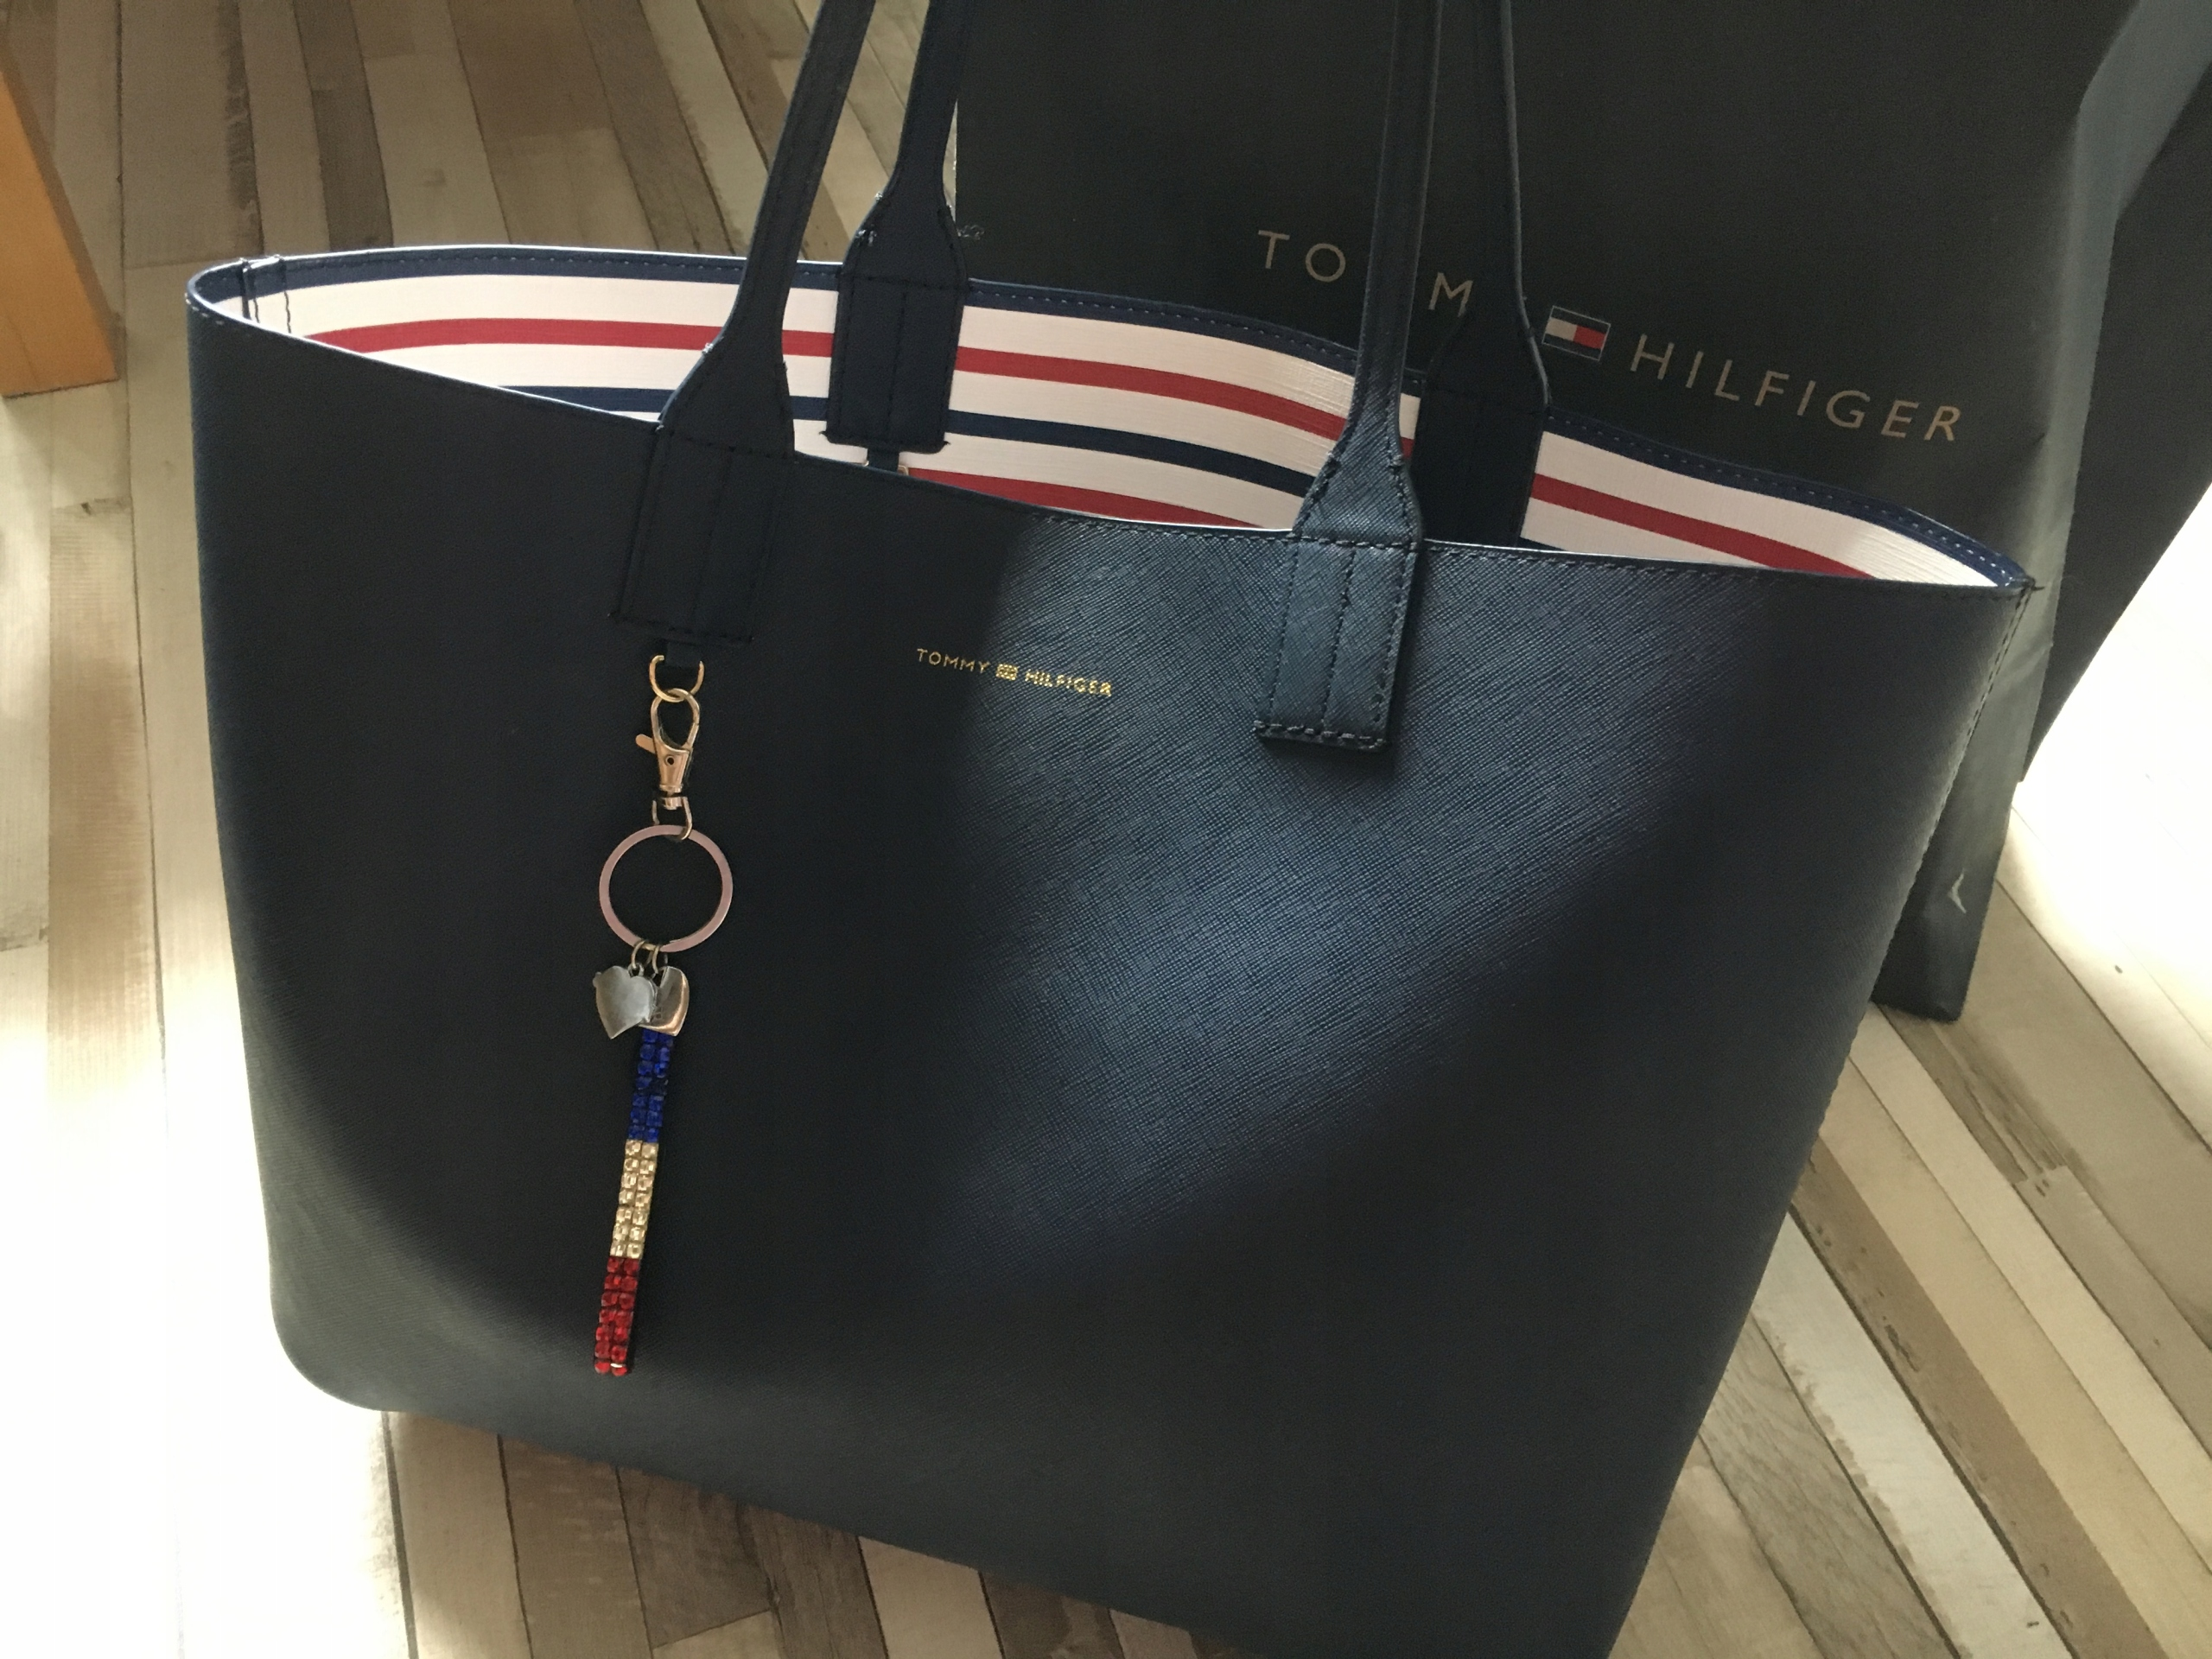 9c69518cd6c11 Tommy Hilfiger torebka torba shopper bag logo cudo - 7476713923 ...